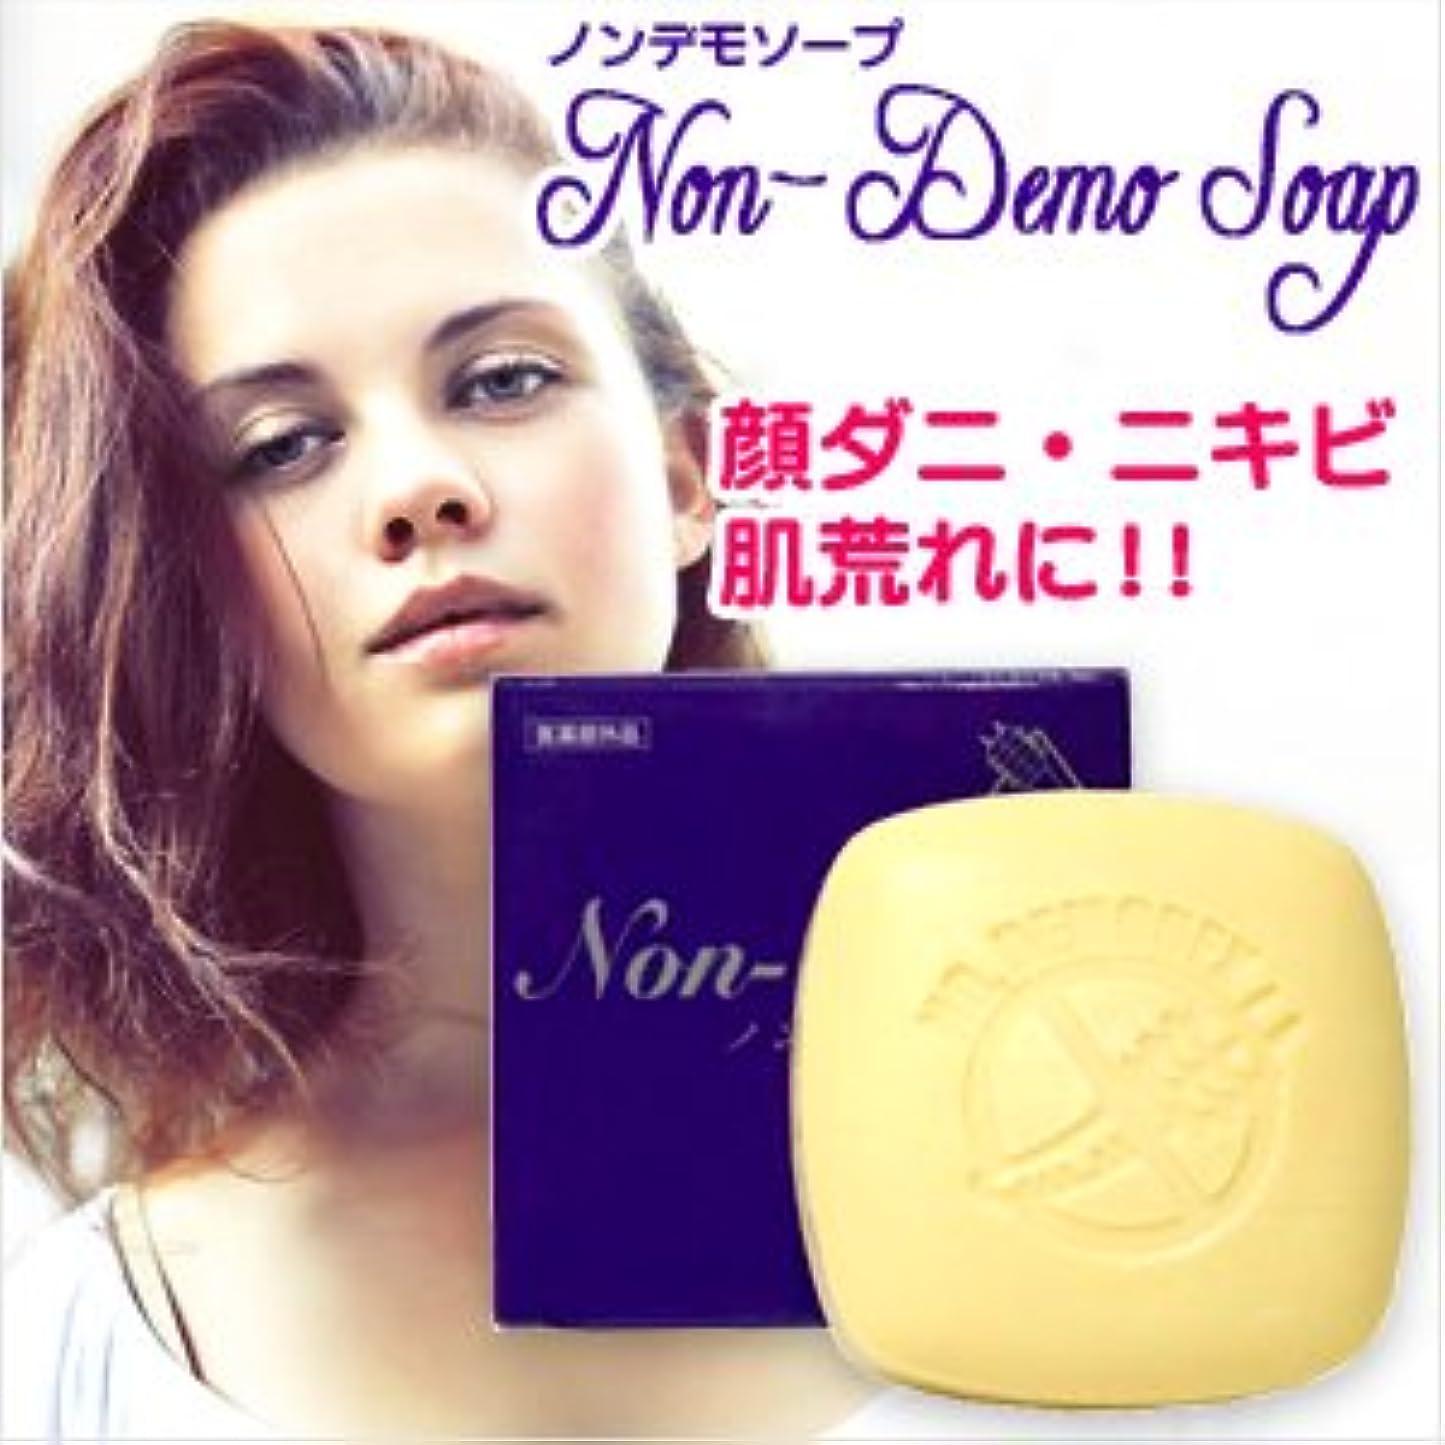 シュリンクレコーダーソフトウェア(医薬部外品) 顔ダニ石鹸 ノンデモソープ (Non-Demo Soap) 130g